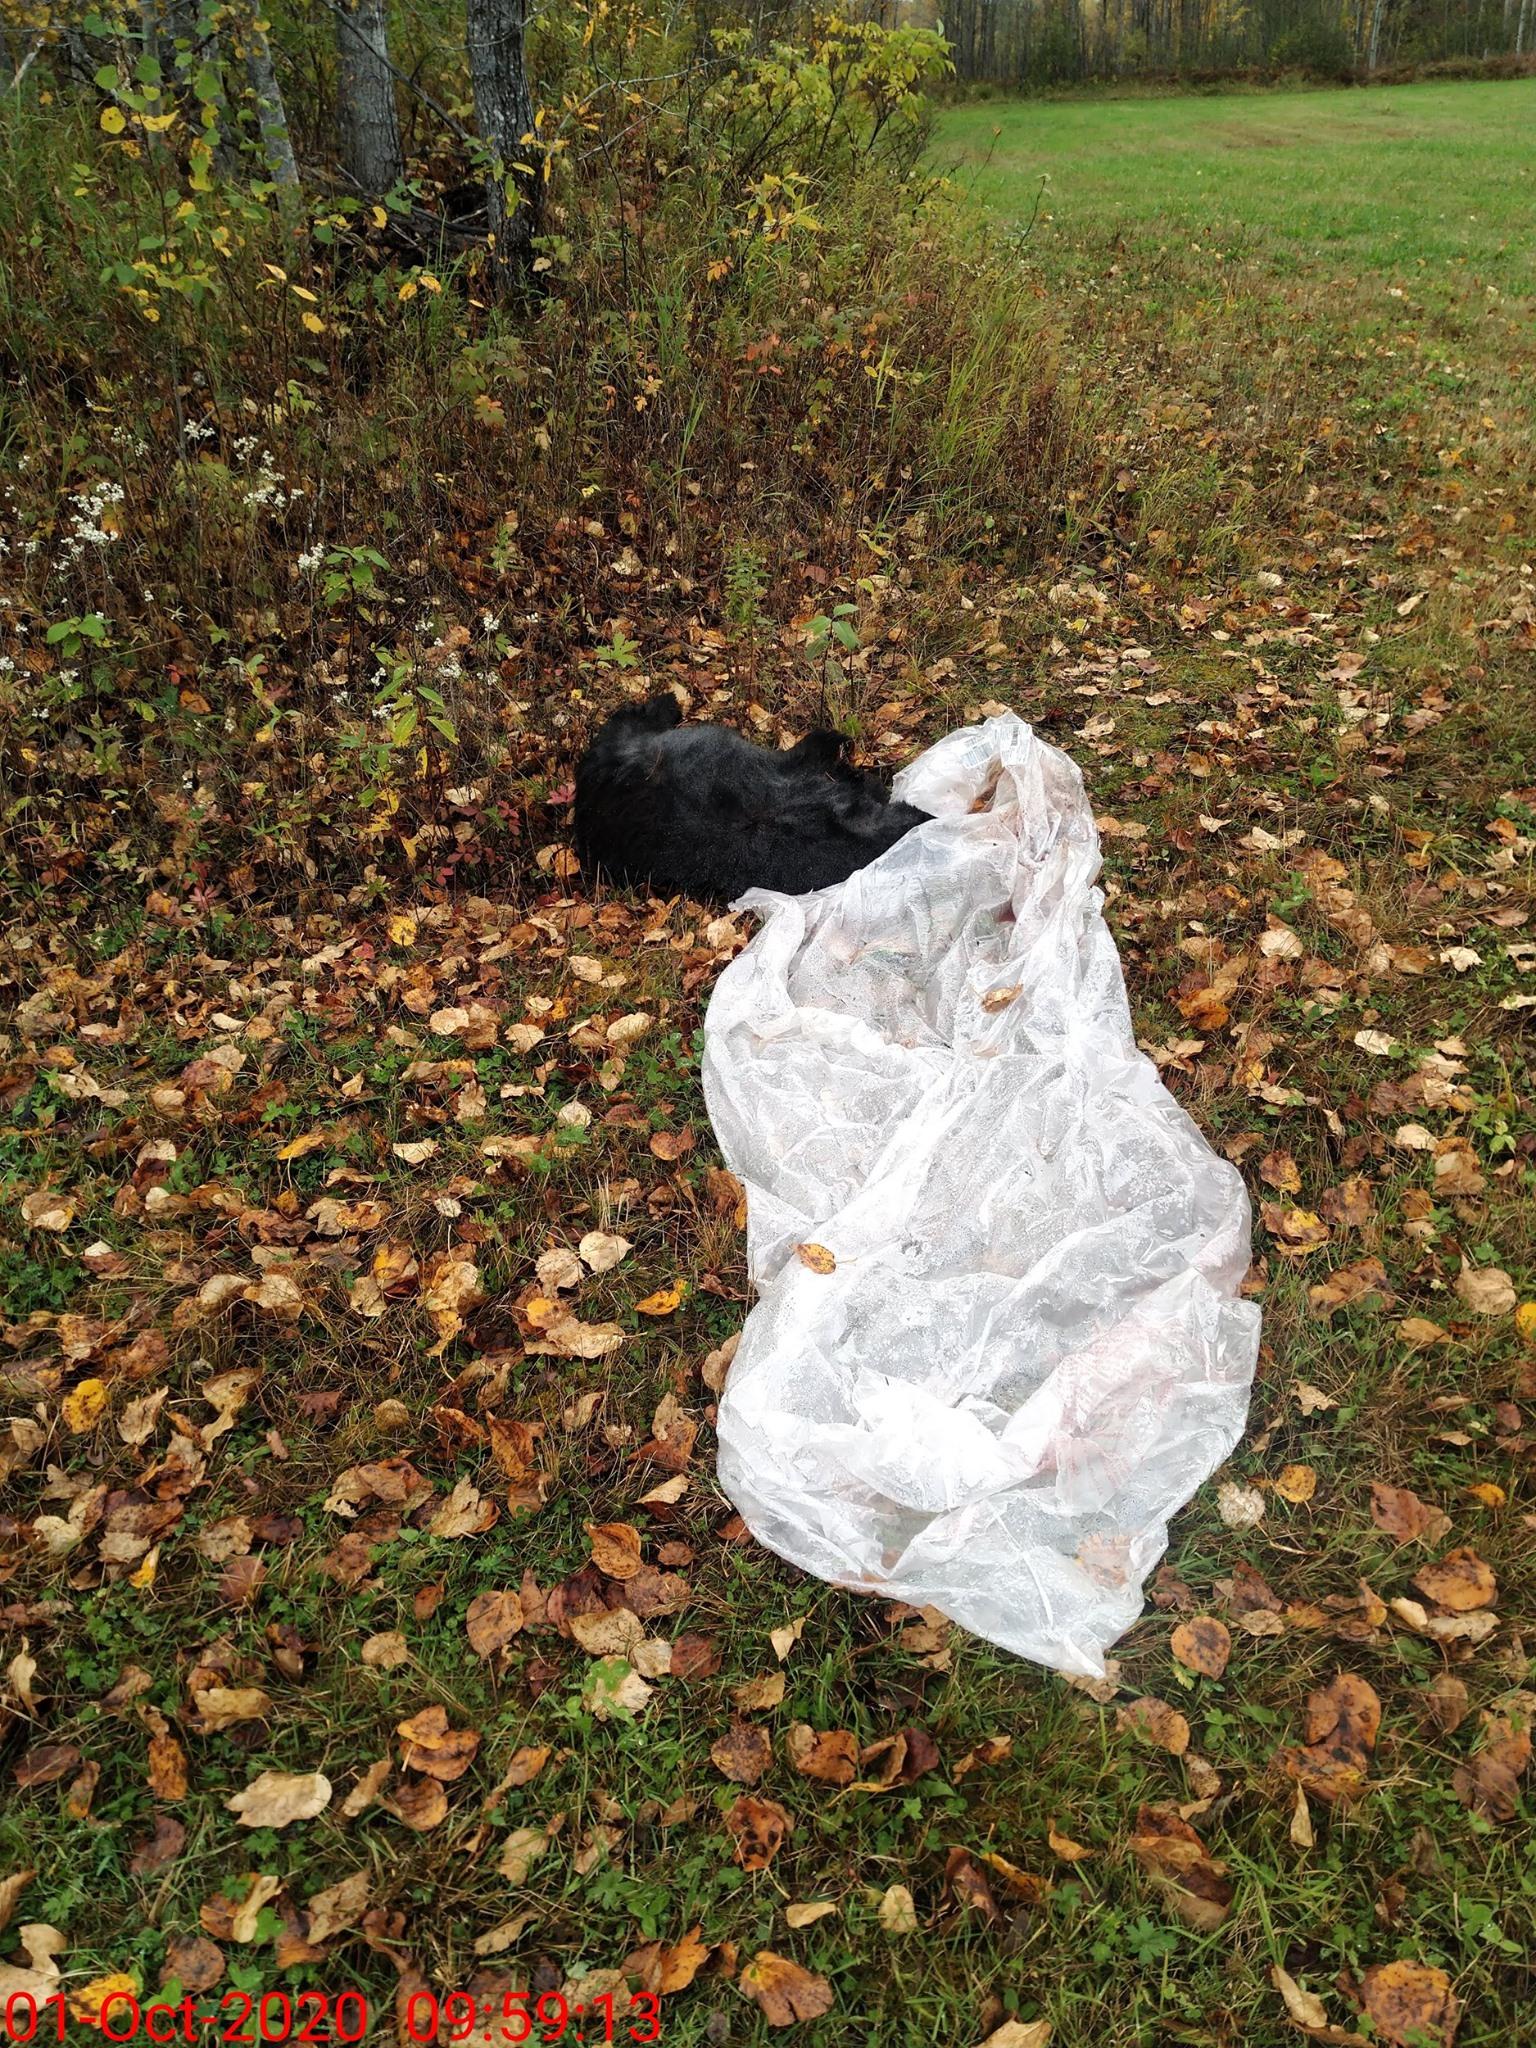 Appel à la population: mort suspecte d'un ours en Abitibi-Témiscamingue